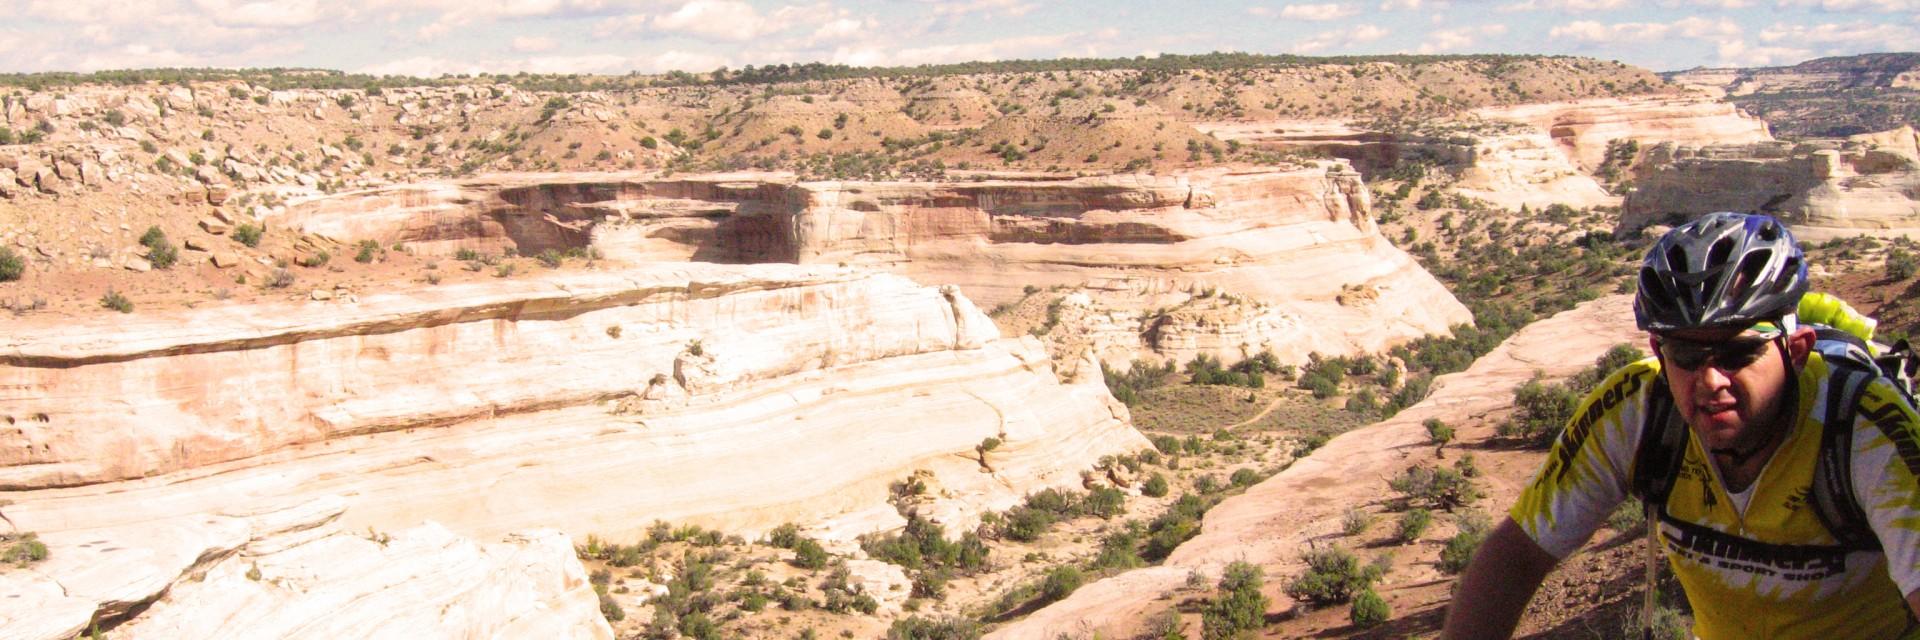 Kokopelli Singletrack above a side canyon off the Colorado River